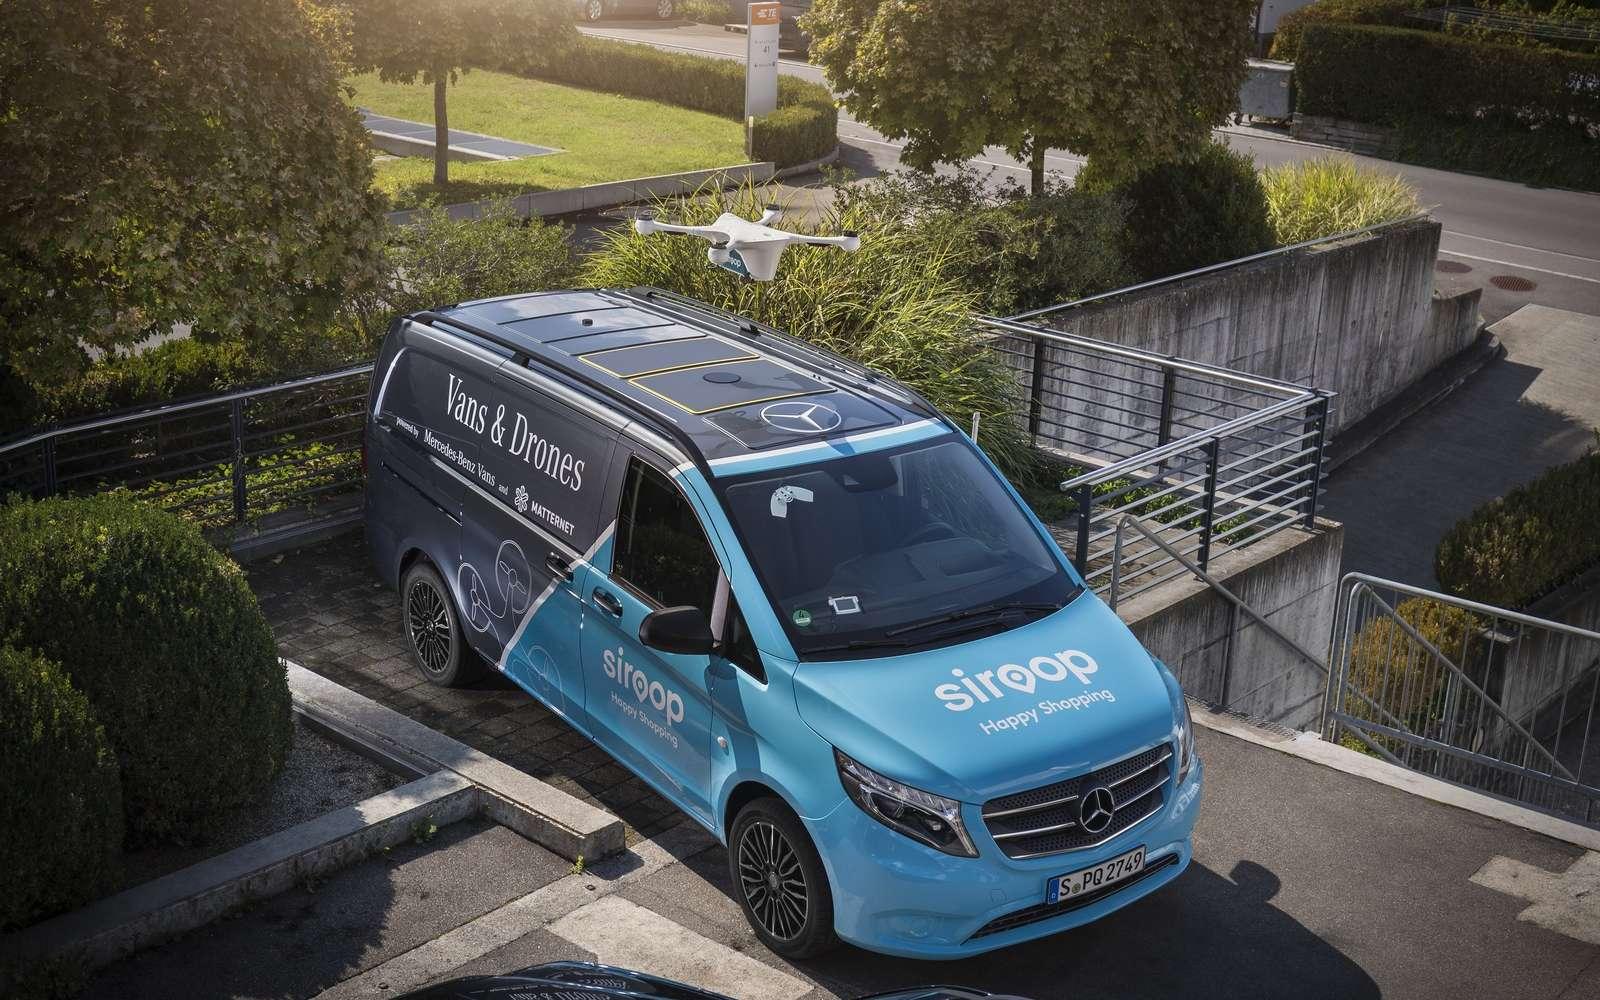 La camionnette Mercedes Vito est équipée d'un système de guidage qui permet au drone de livraison d'atterrir avec précision sur son toit. © Mercedes-Benz